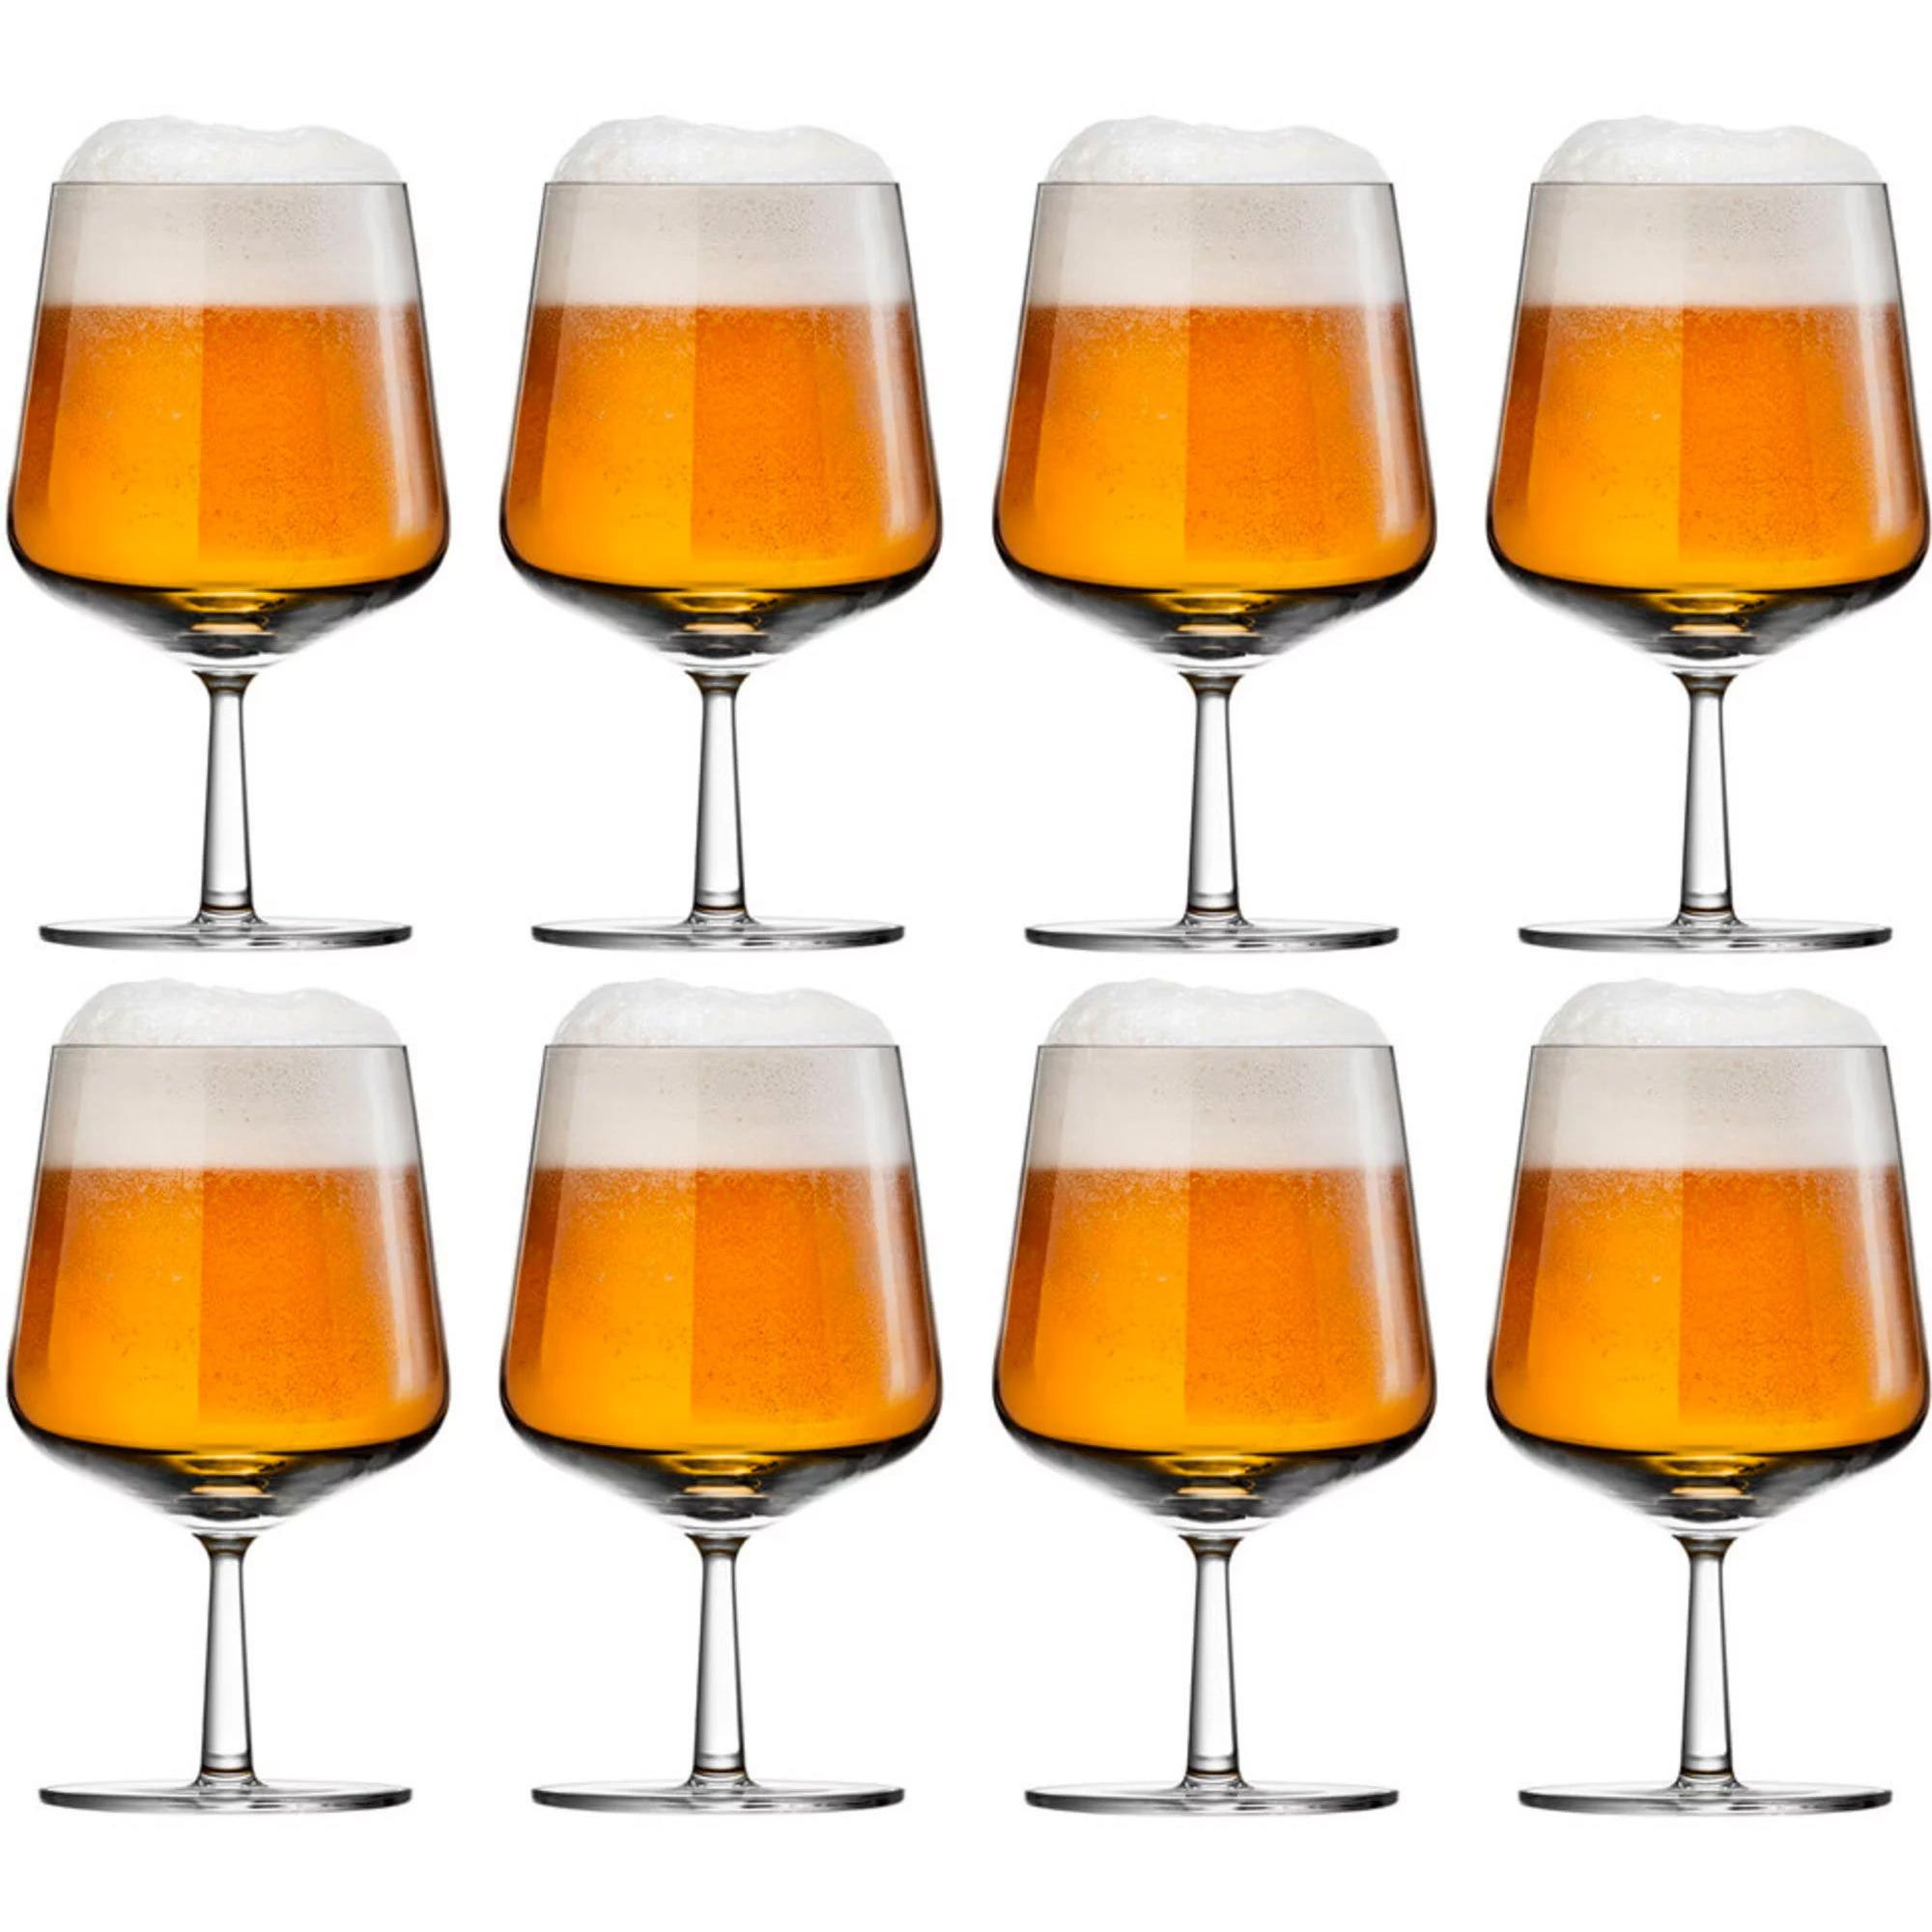 Iittala Essence Ölglas 48 cl 8 st.